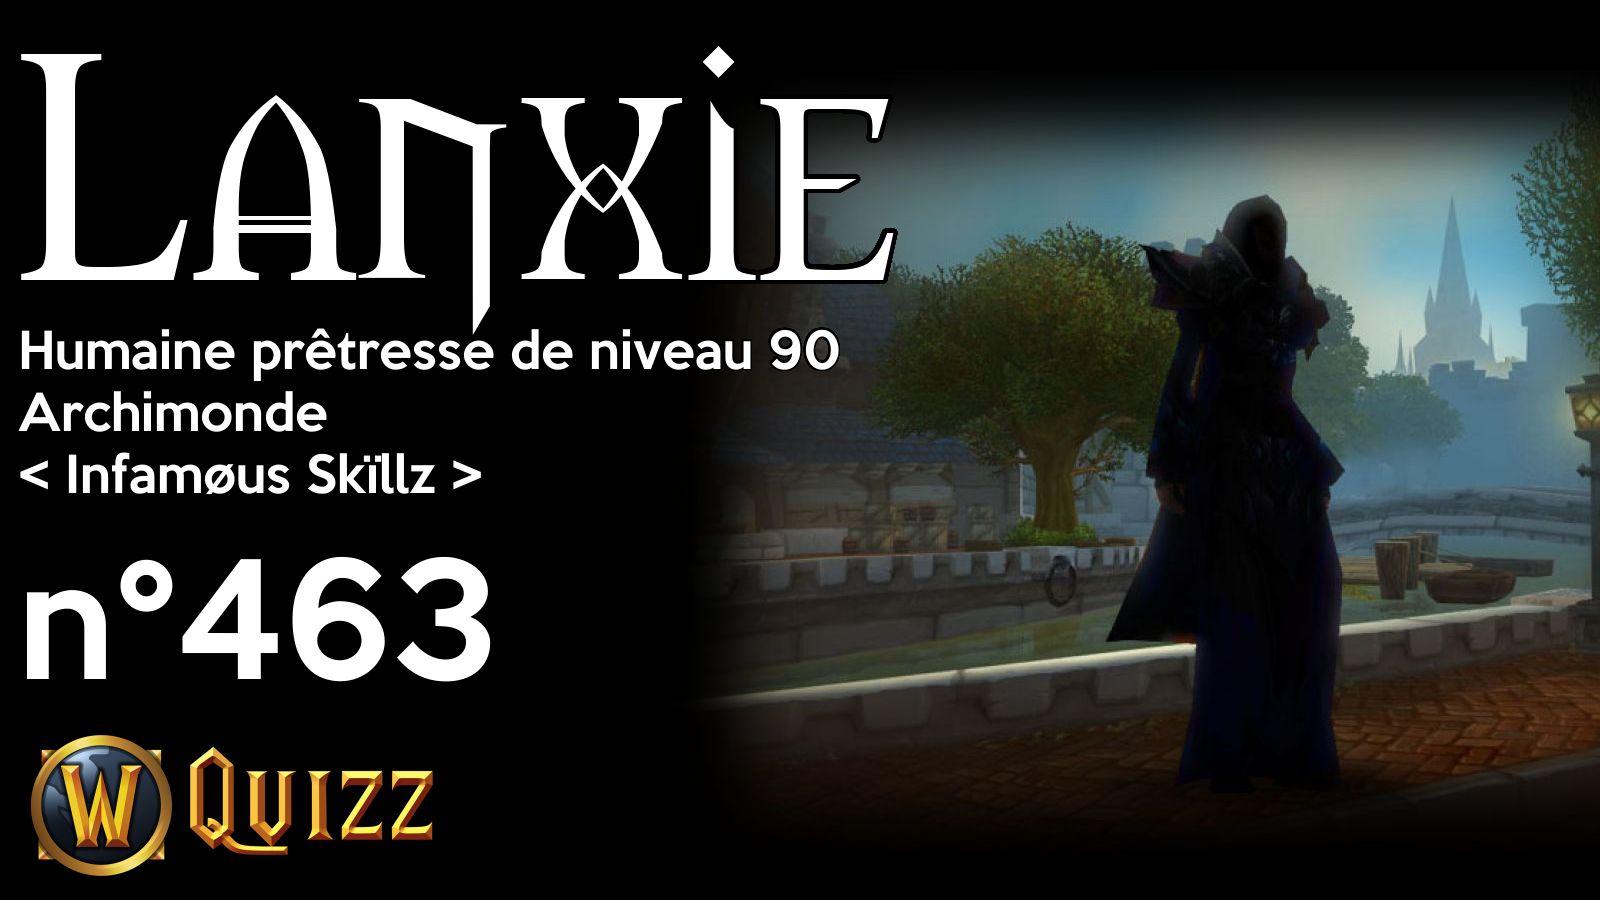 Lanxie, Humaine prêtresse de niveau 90, Archimonde